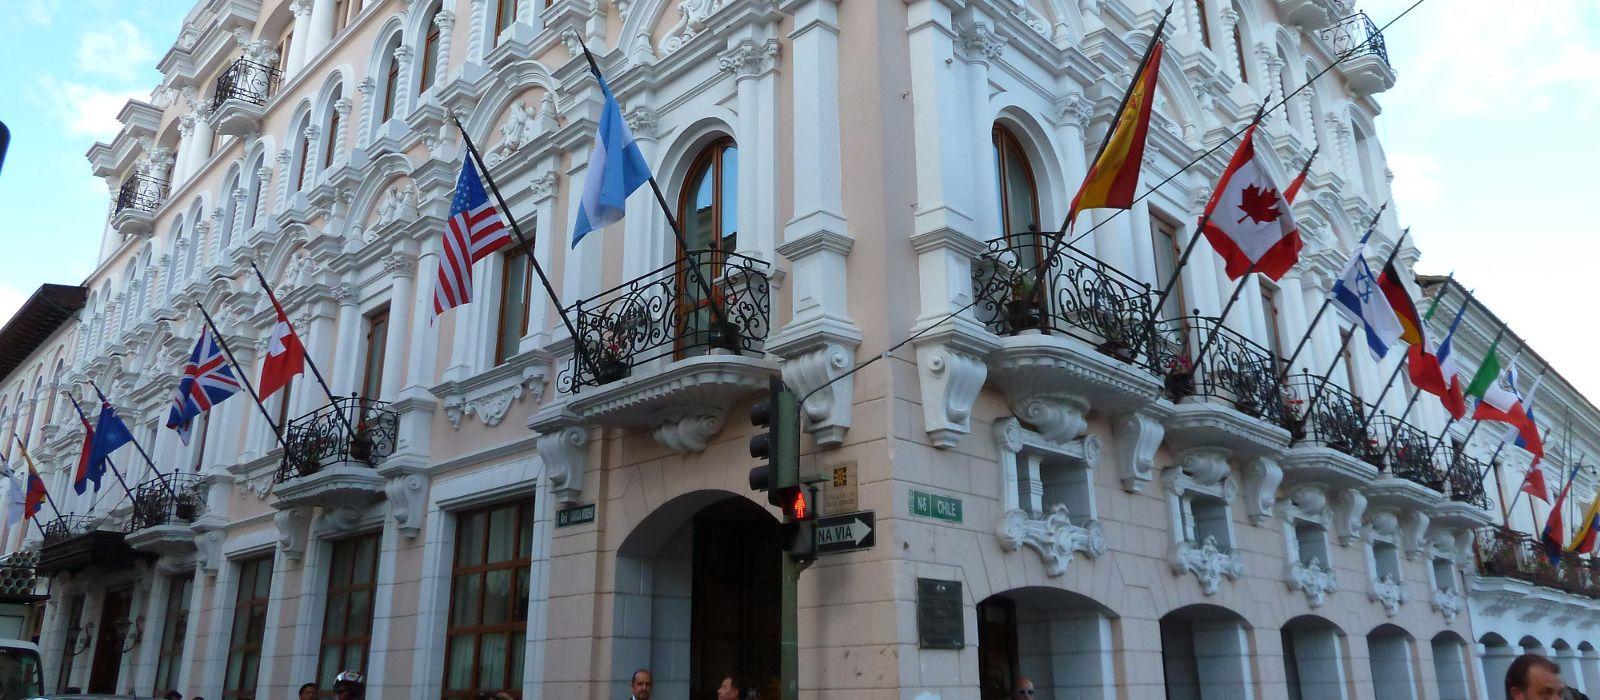 Hotel Plaza Grande Ecuador/Galapagos